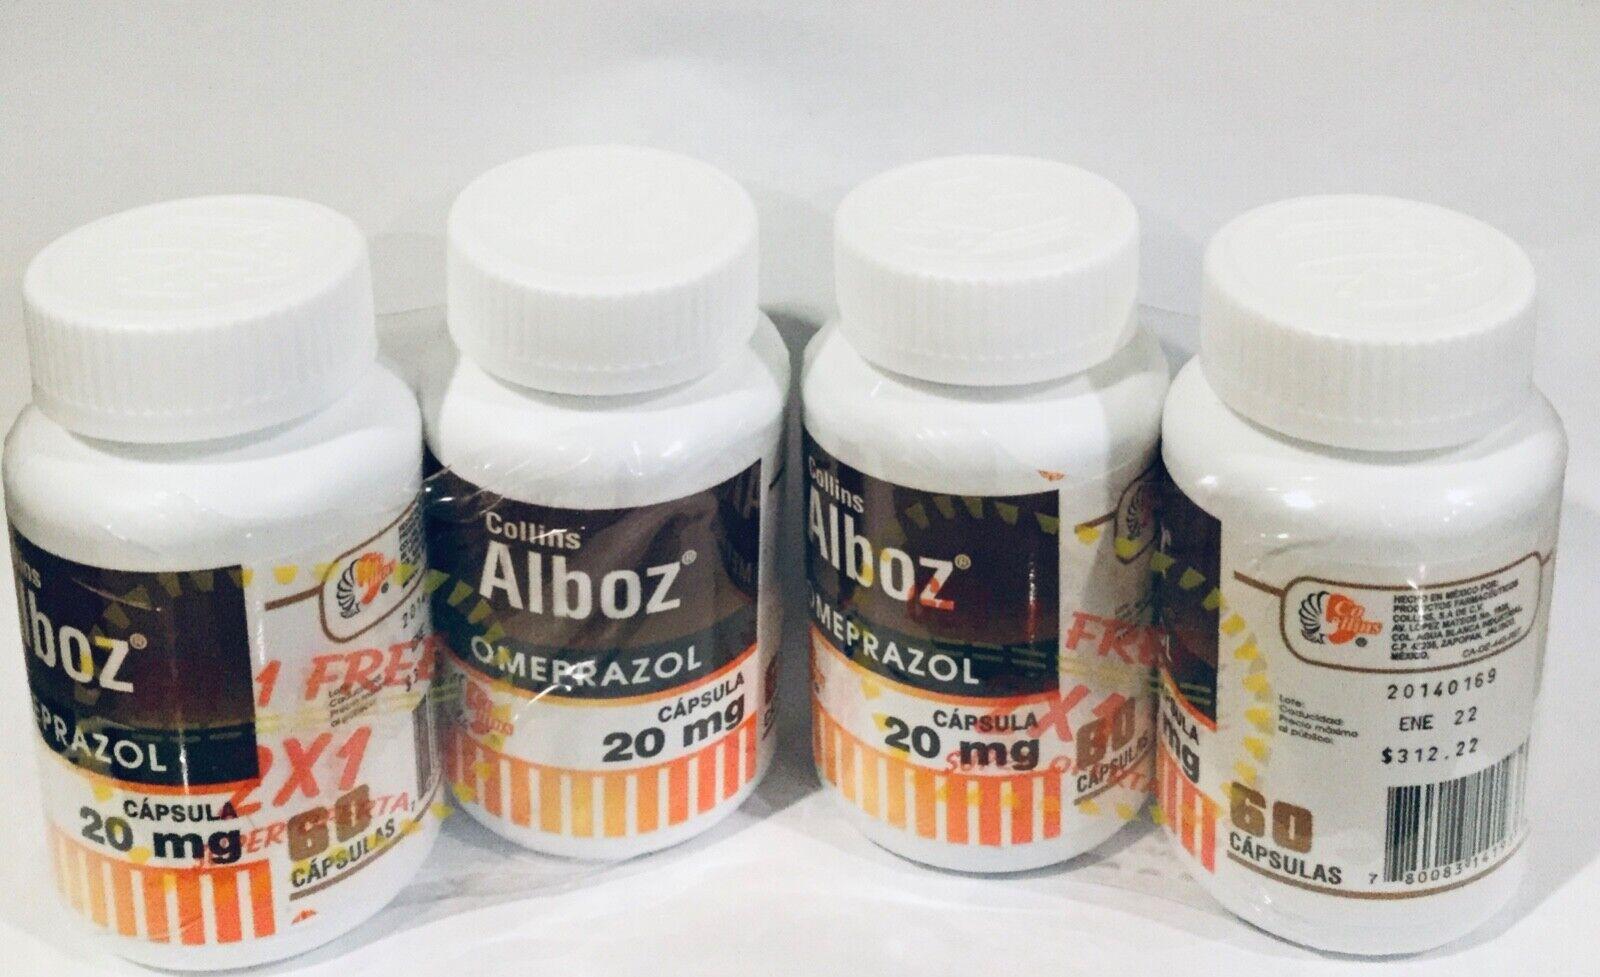 Omeprazole 20mg Heartburn Acid Reflux 12bottles 60 Capsules each ( Prilosec ) 1